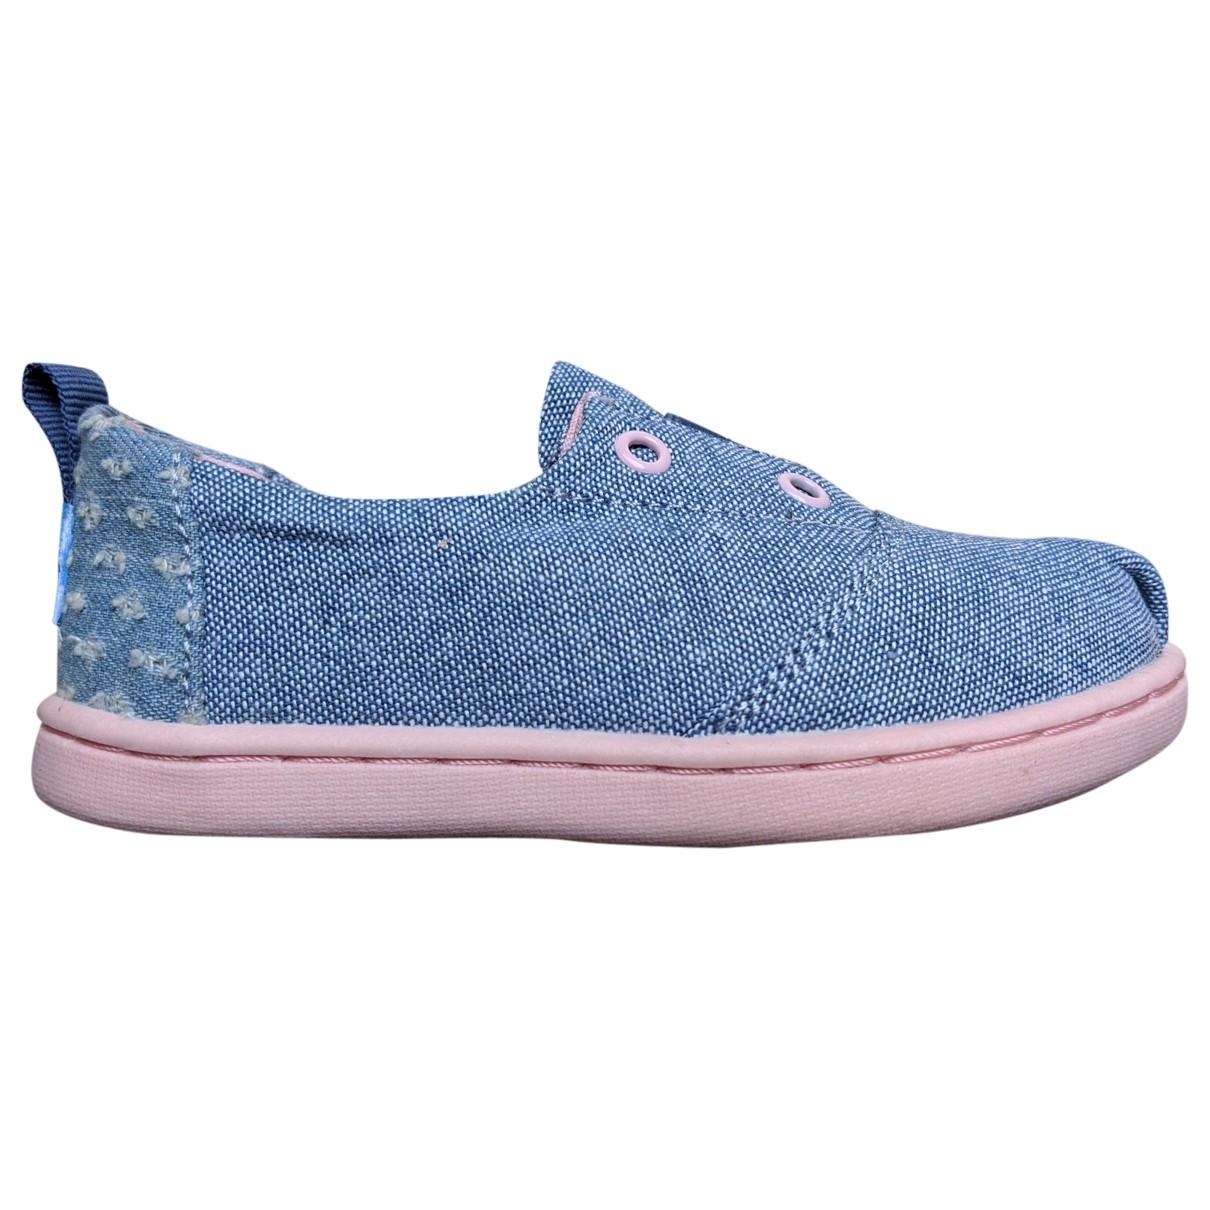 Toms - Baskets   pour enfant en toile - bleu